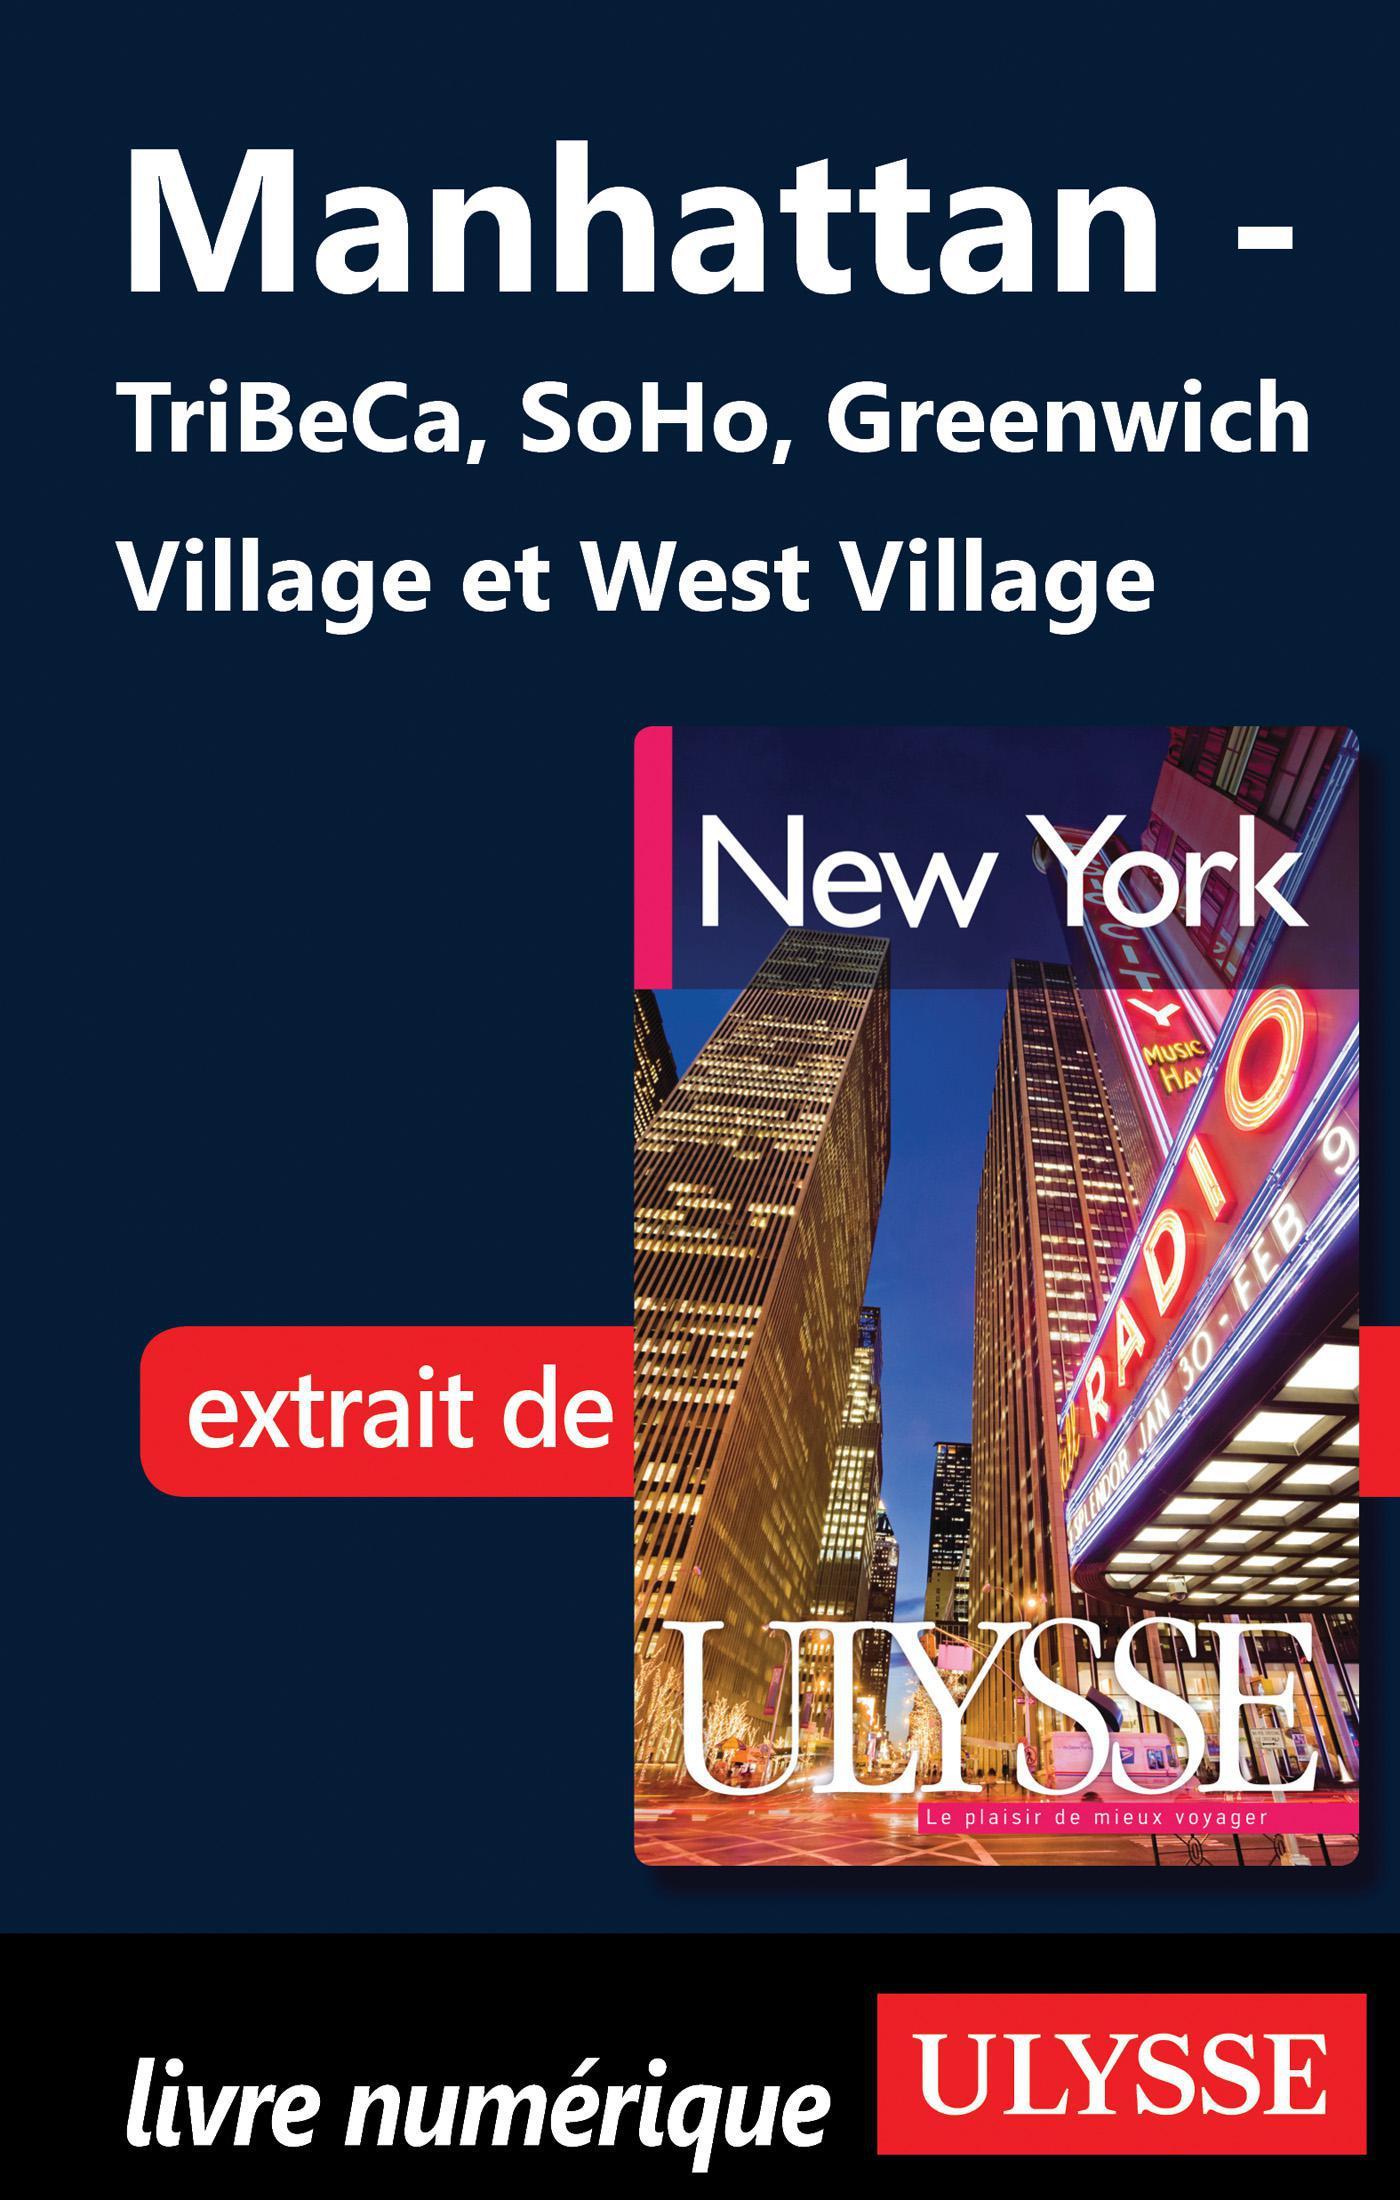 Manhattan - TriBeCa, SoHo, Greenwich Village et West Village